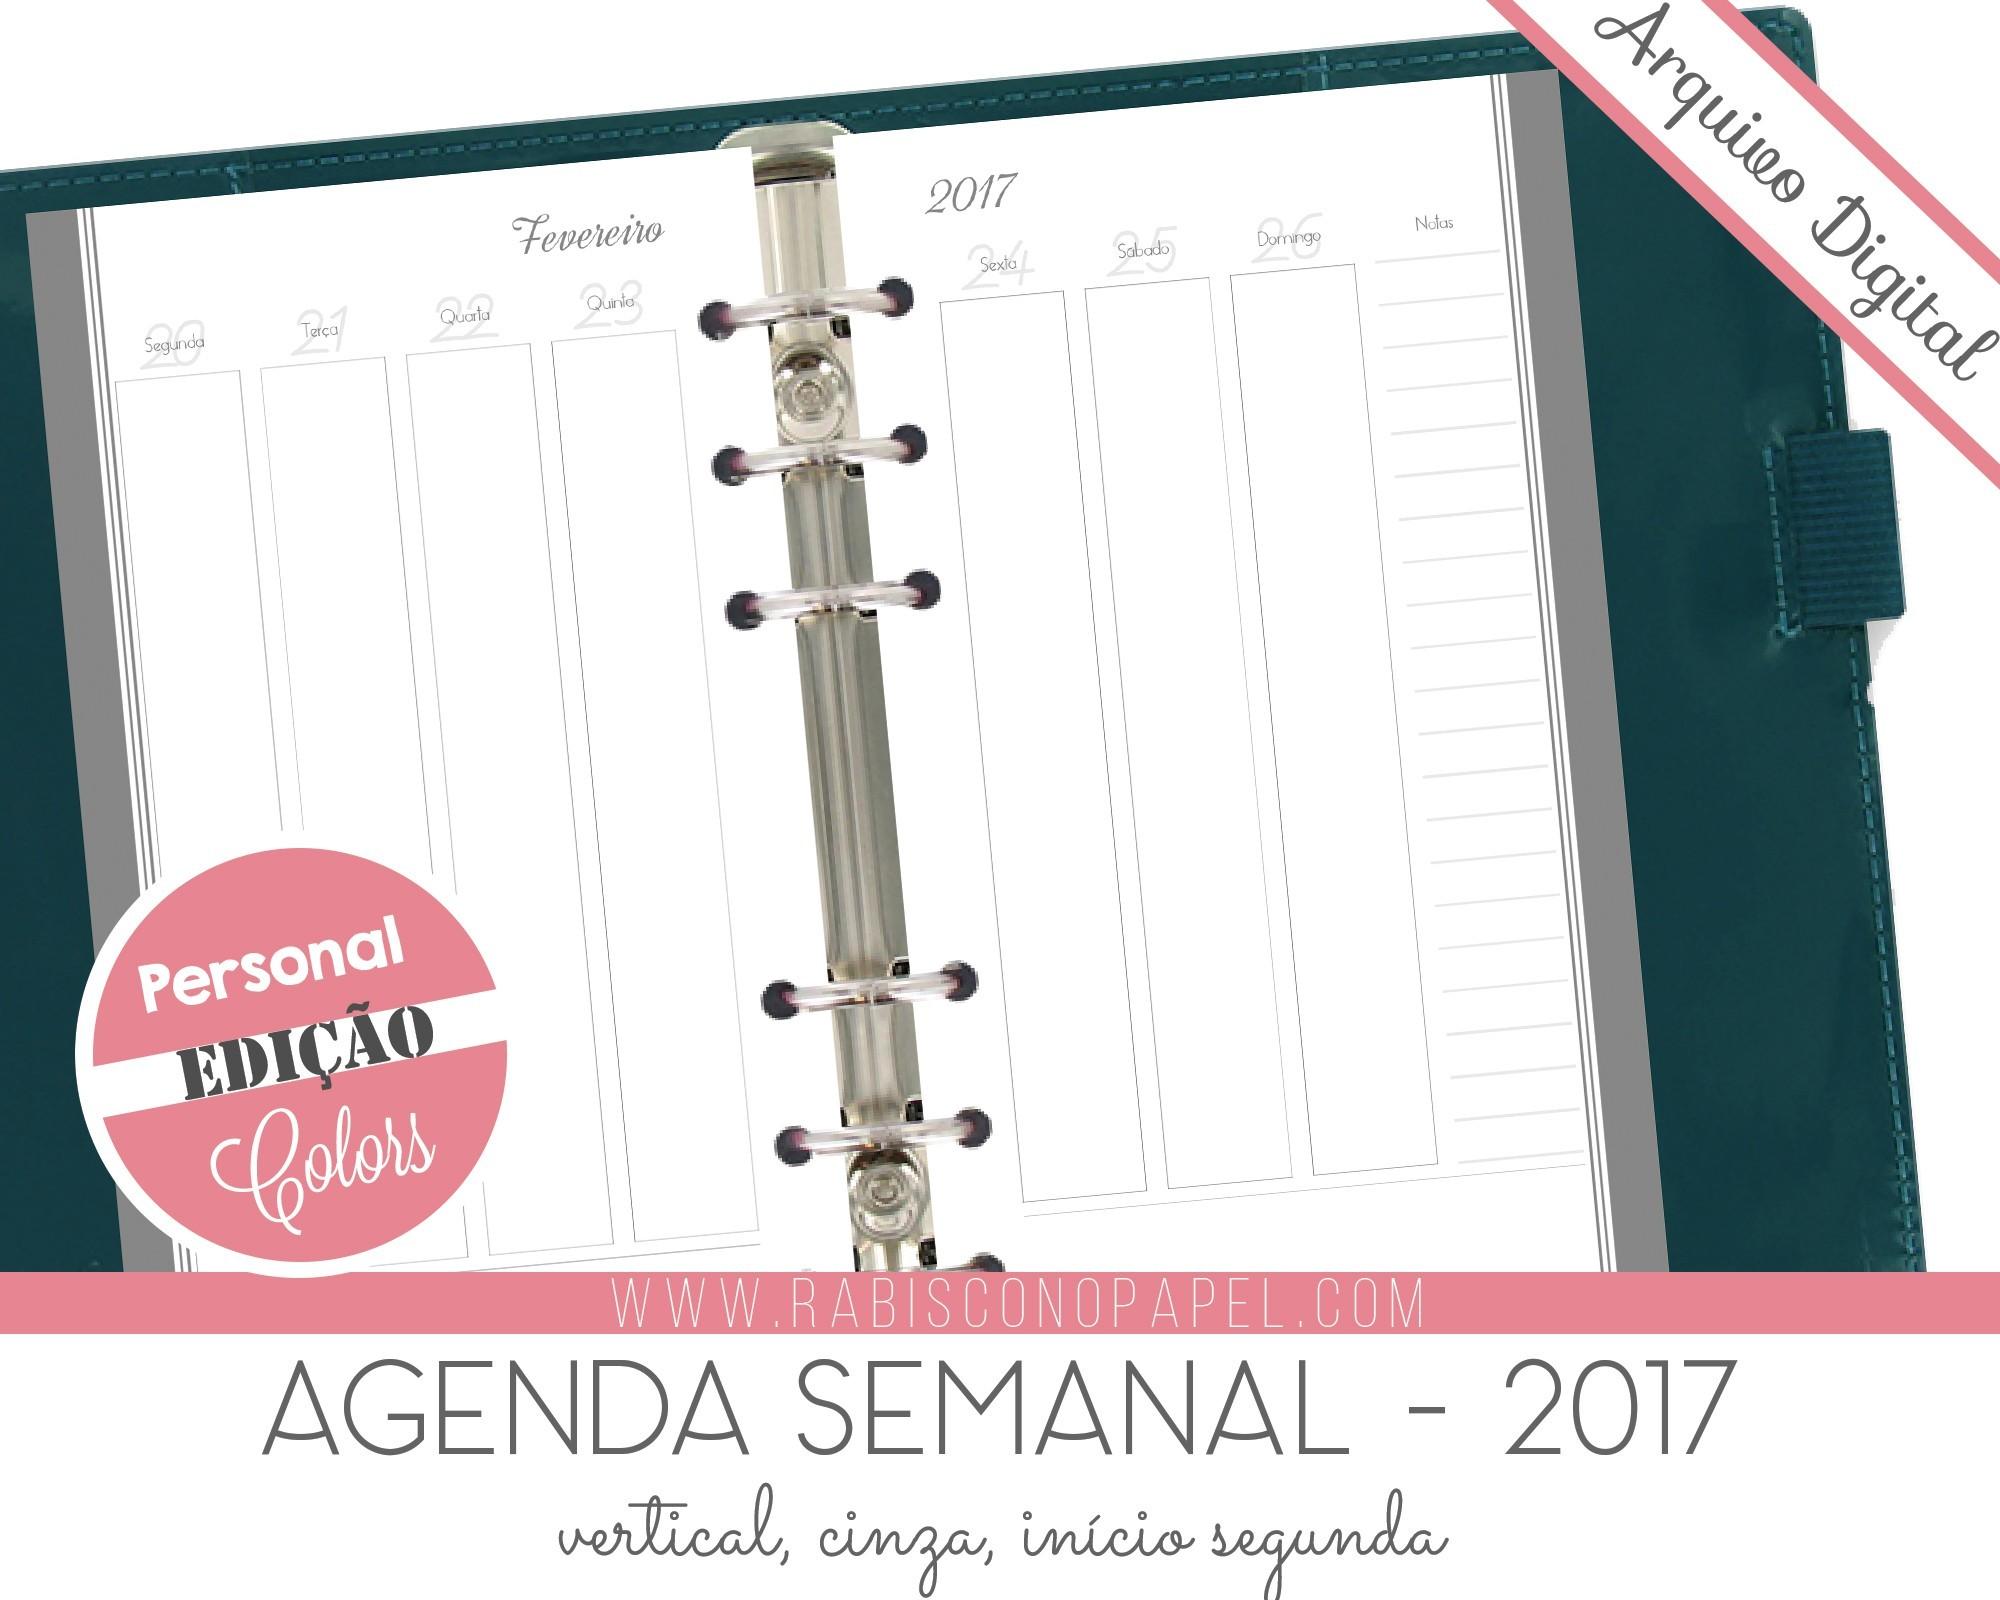 imprimivel agenda vertical 2017 personal cinza Agenda para Imprimir desde siempre por calendario para imprimir 2019